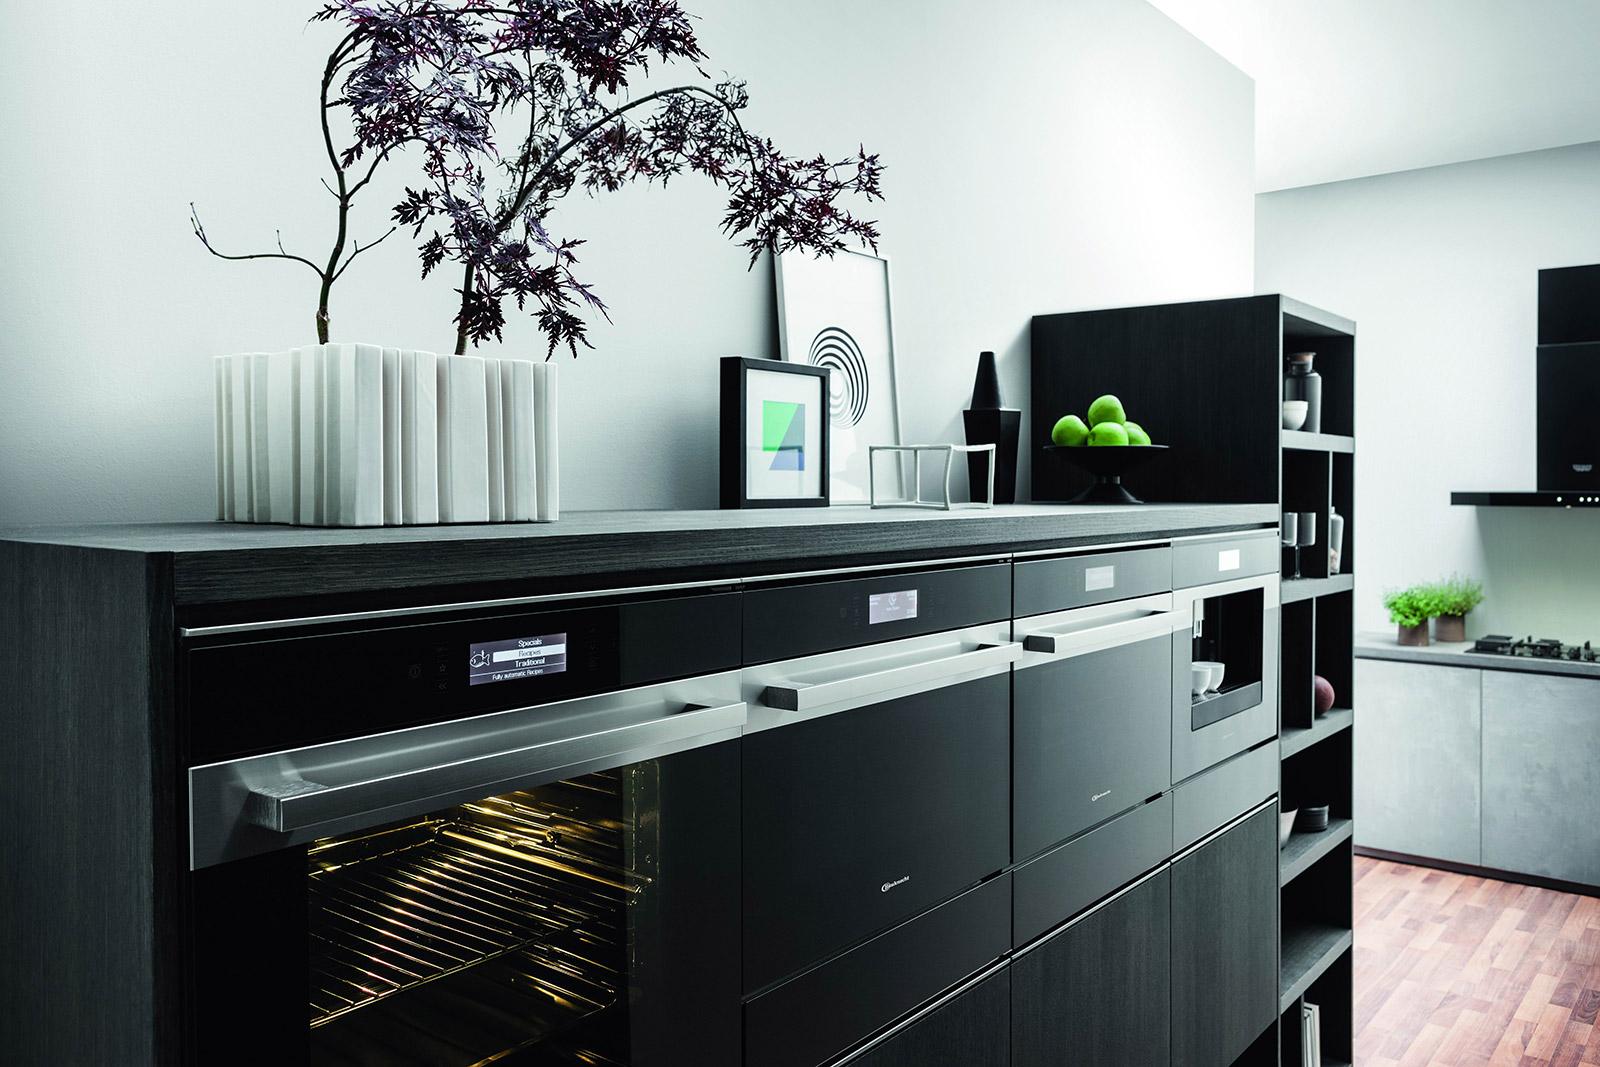 bauknecht designstark. Black Bedroom Furniture Sets. Home Design Ideas